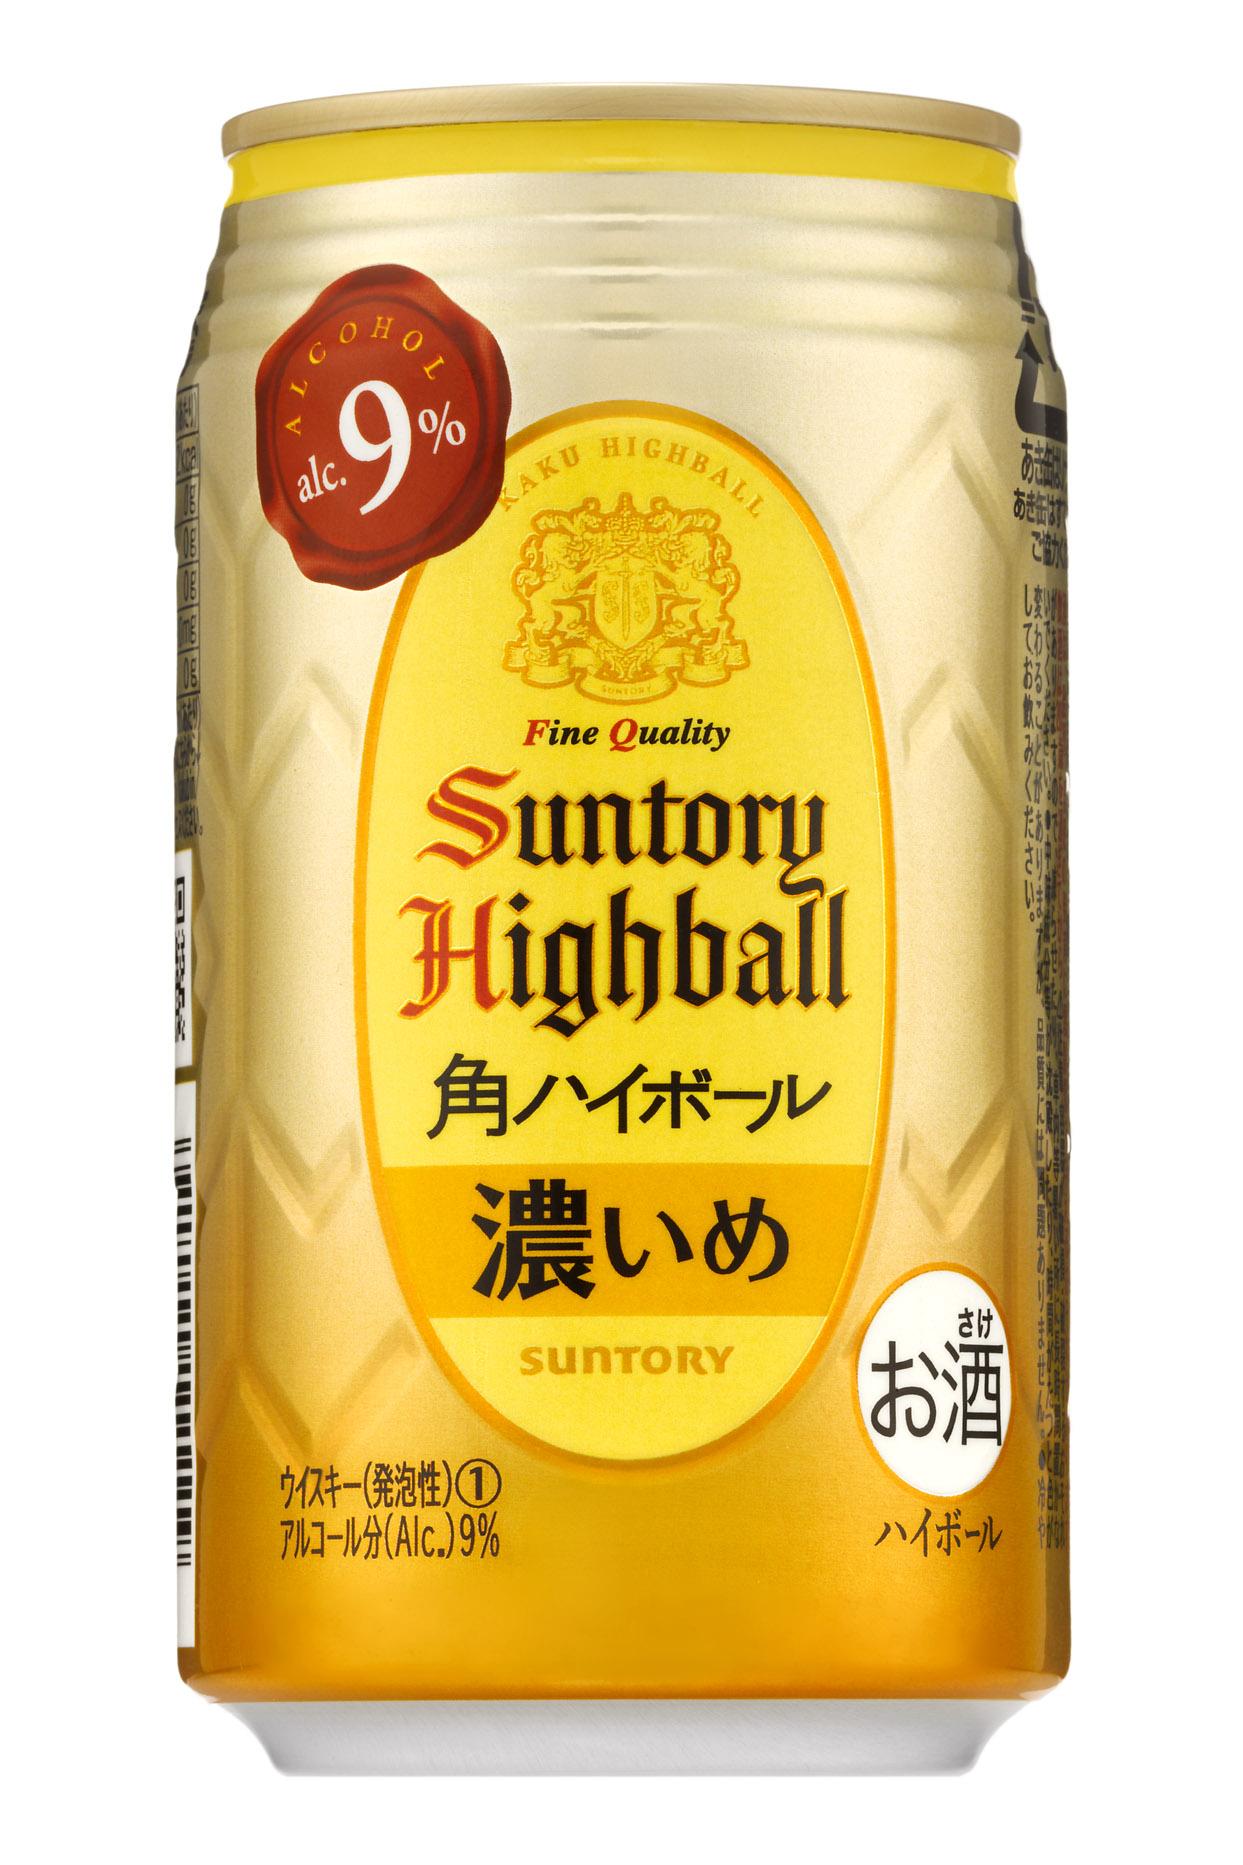 ハイボールの美味しい作り方?種類別にカロリー度 …